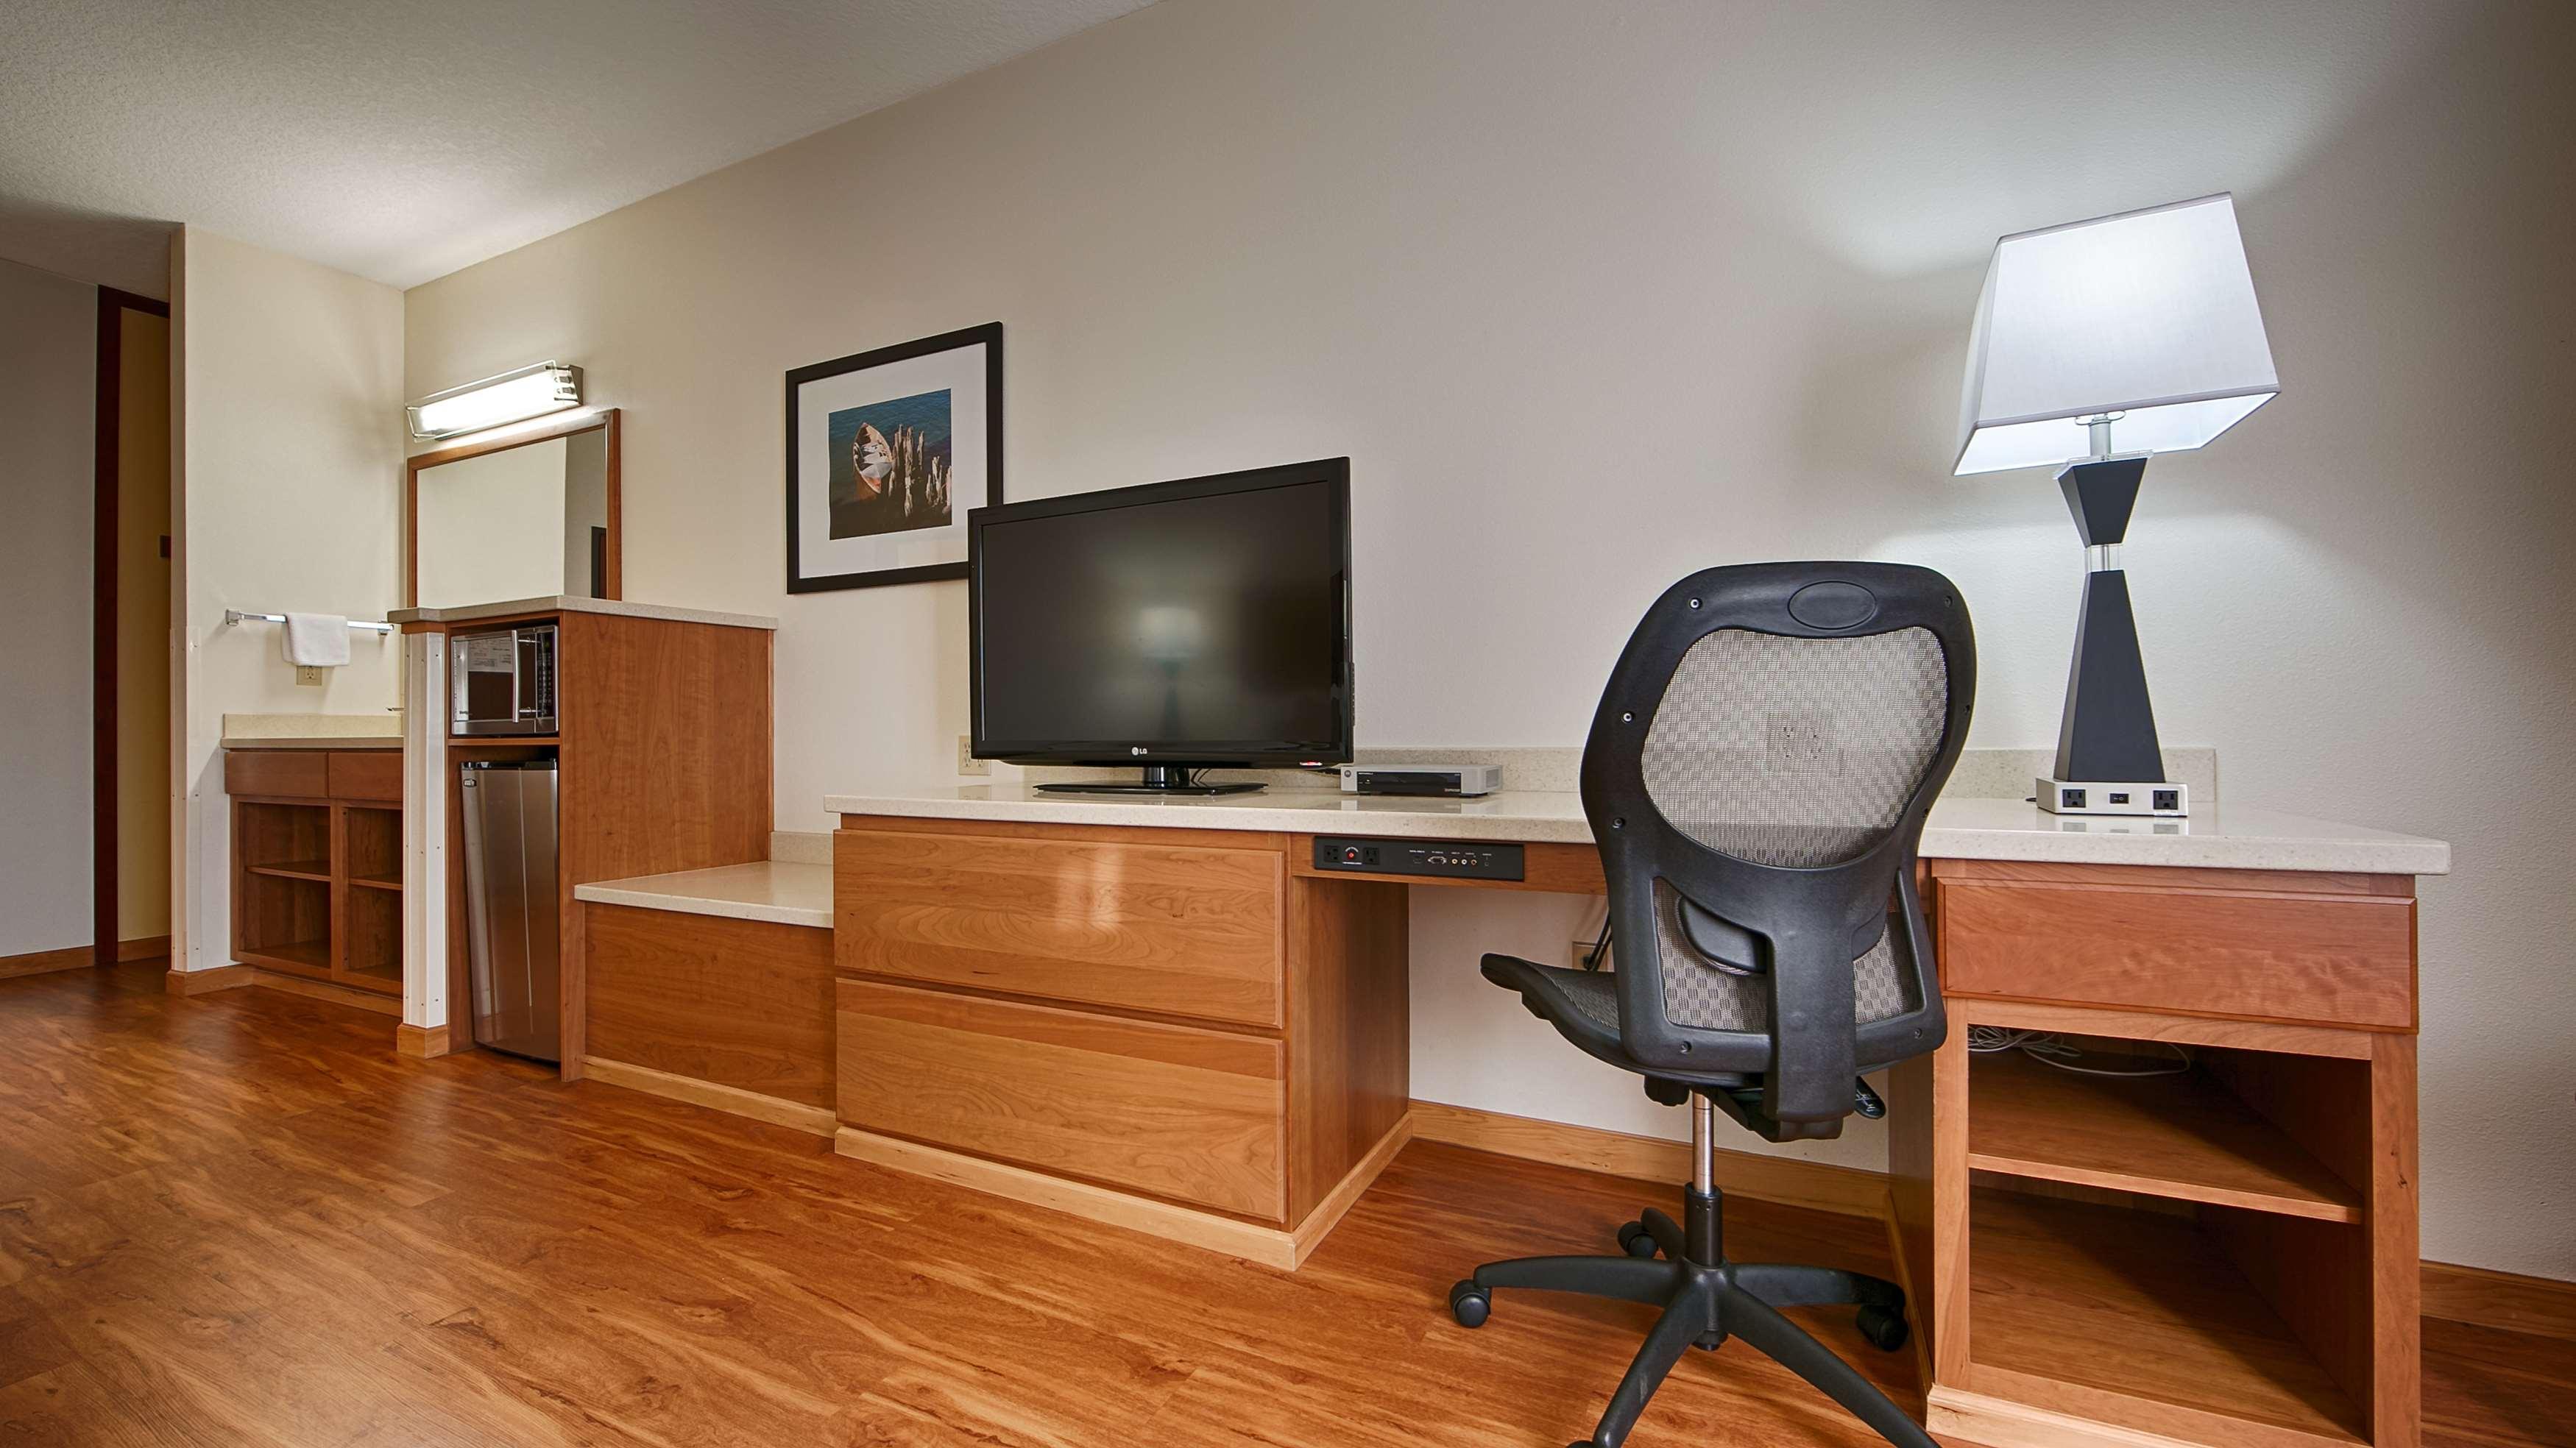 Best Western Plus Park Place Inn & Suites image 10